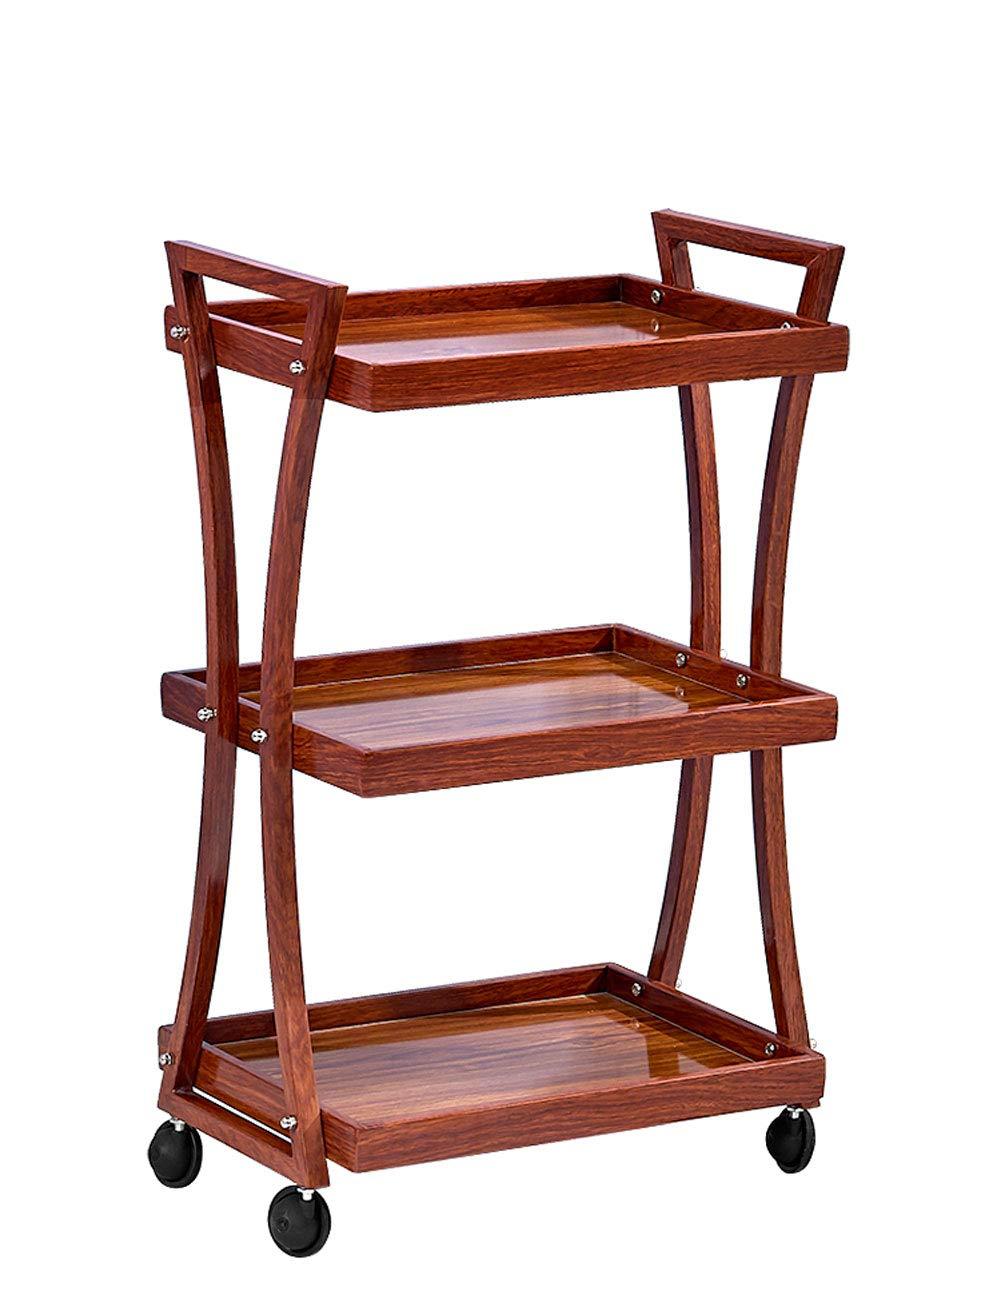 Q Ian l Ij i AJ i- 多機能三層カート木製モバイルラックツールカート 家庭用トロリー (色 : A) B07RJMCKTJ A